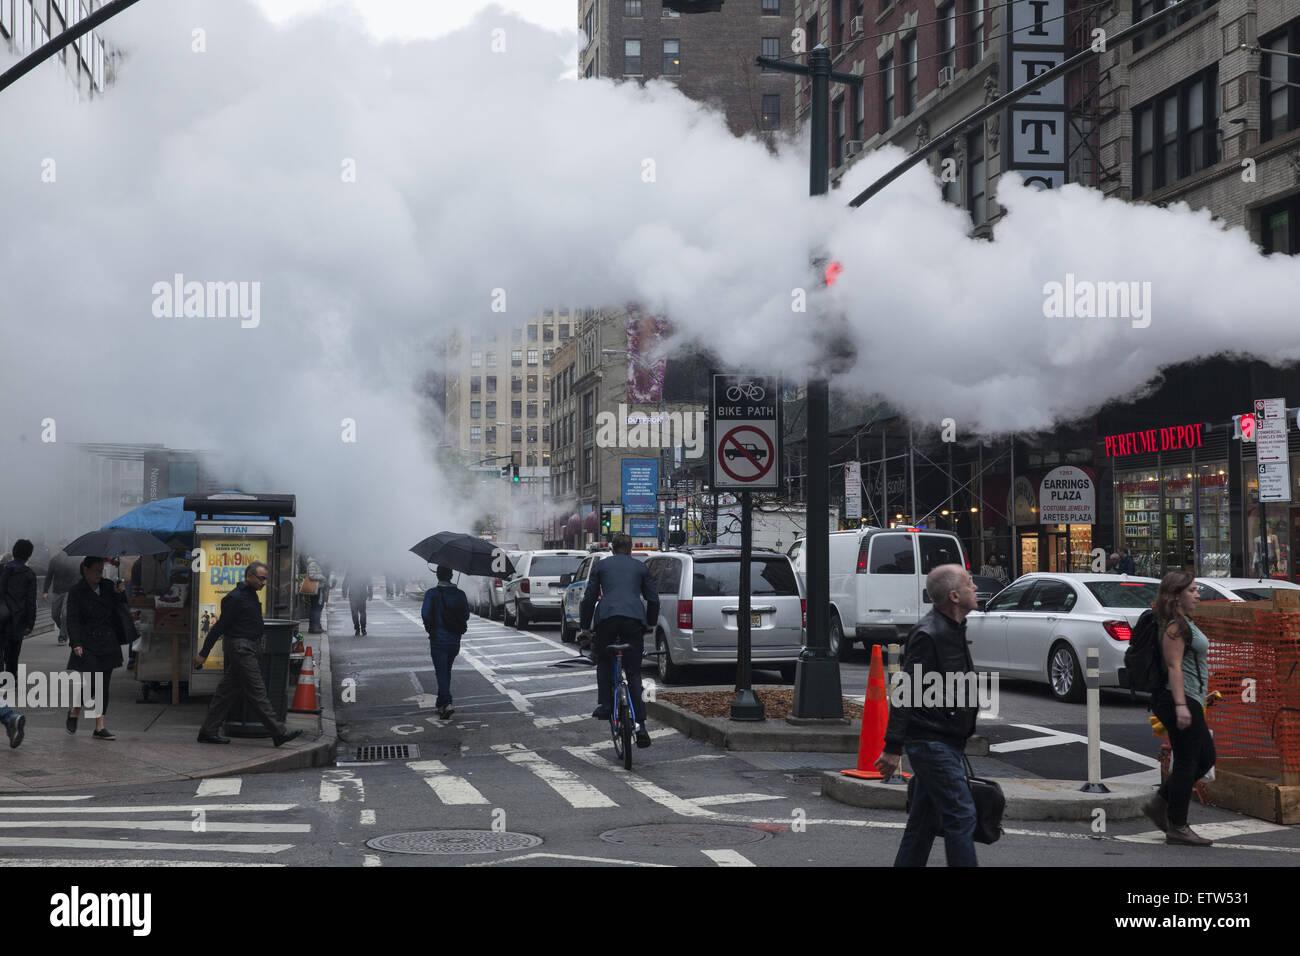 Niedrige Wolken von Dampf sind nicht ungewöhnlicher Anblick in Manhattan unter der Straße freigegeben. Stockbild